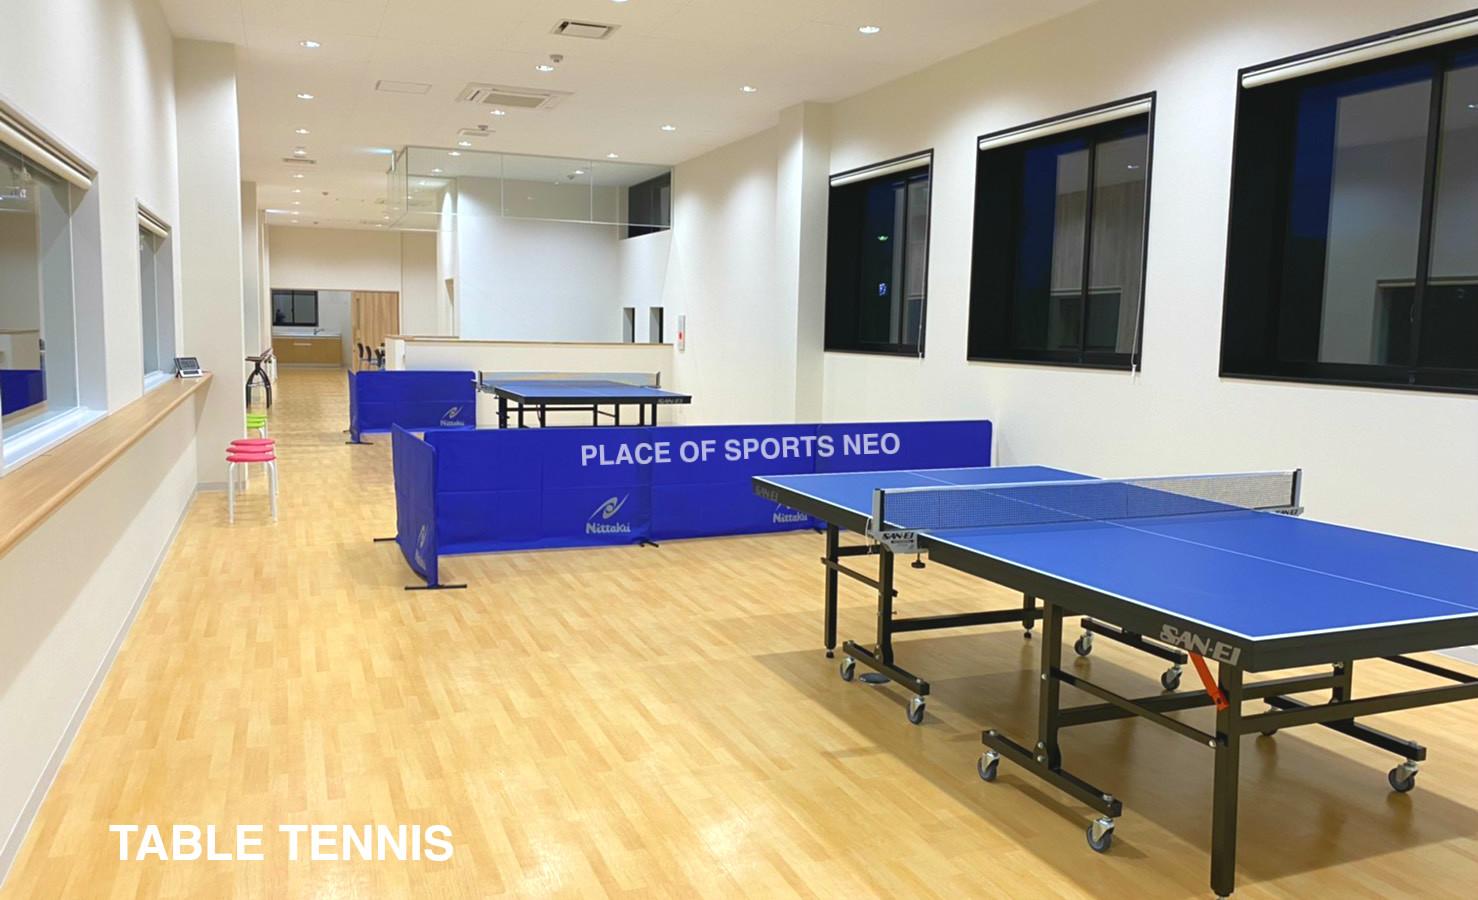 札幌 卓球台レンタル PLACE OF SPORTS NEO プレイスオブスポーツネオ